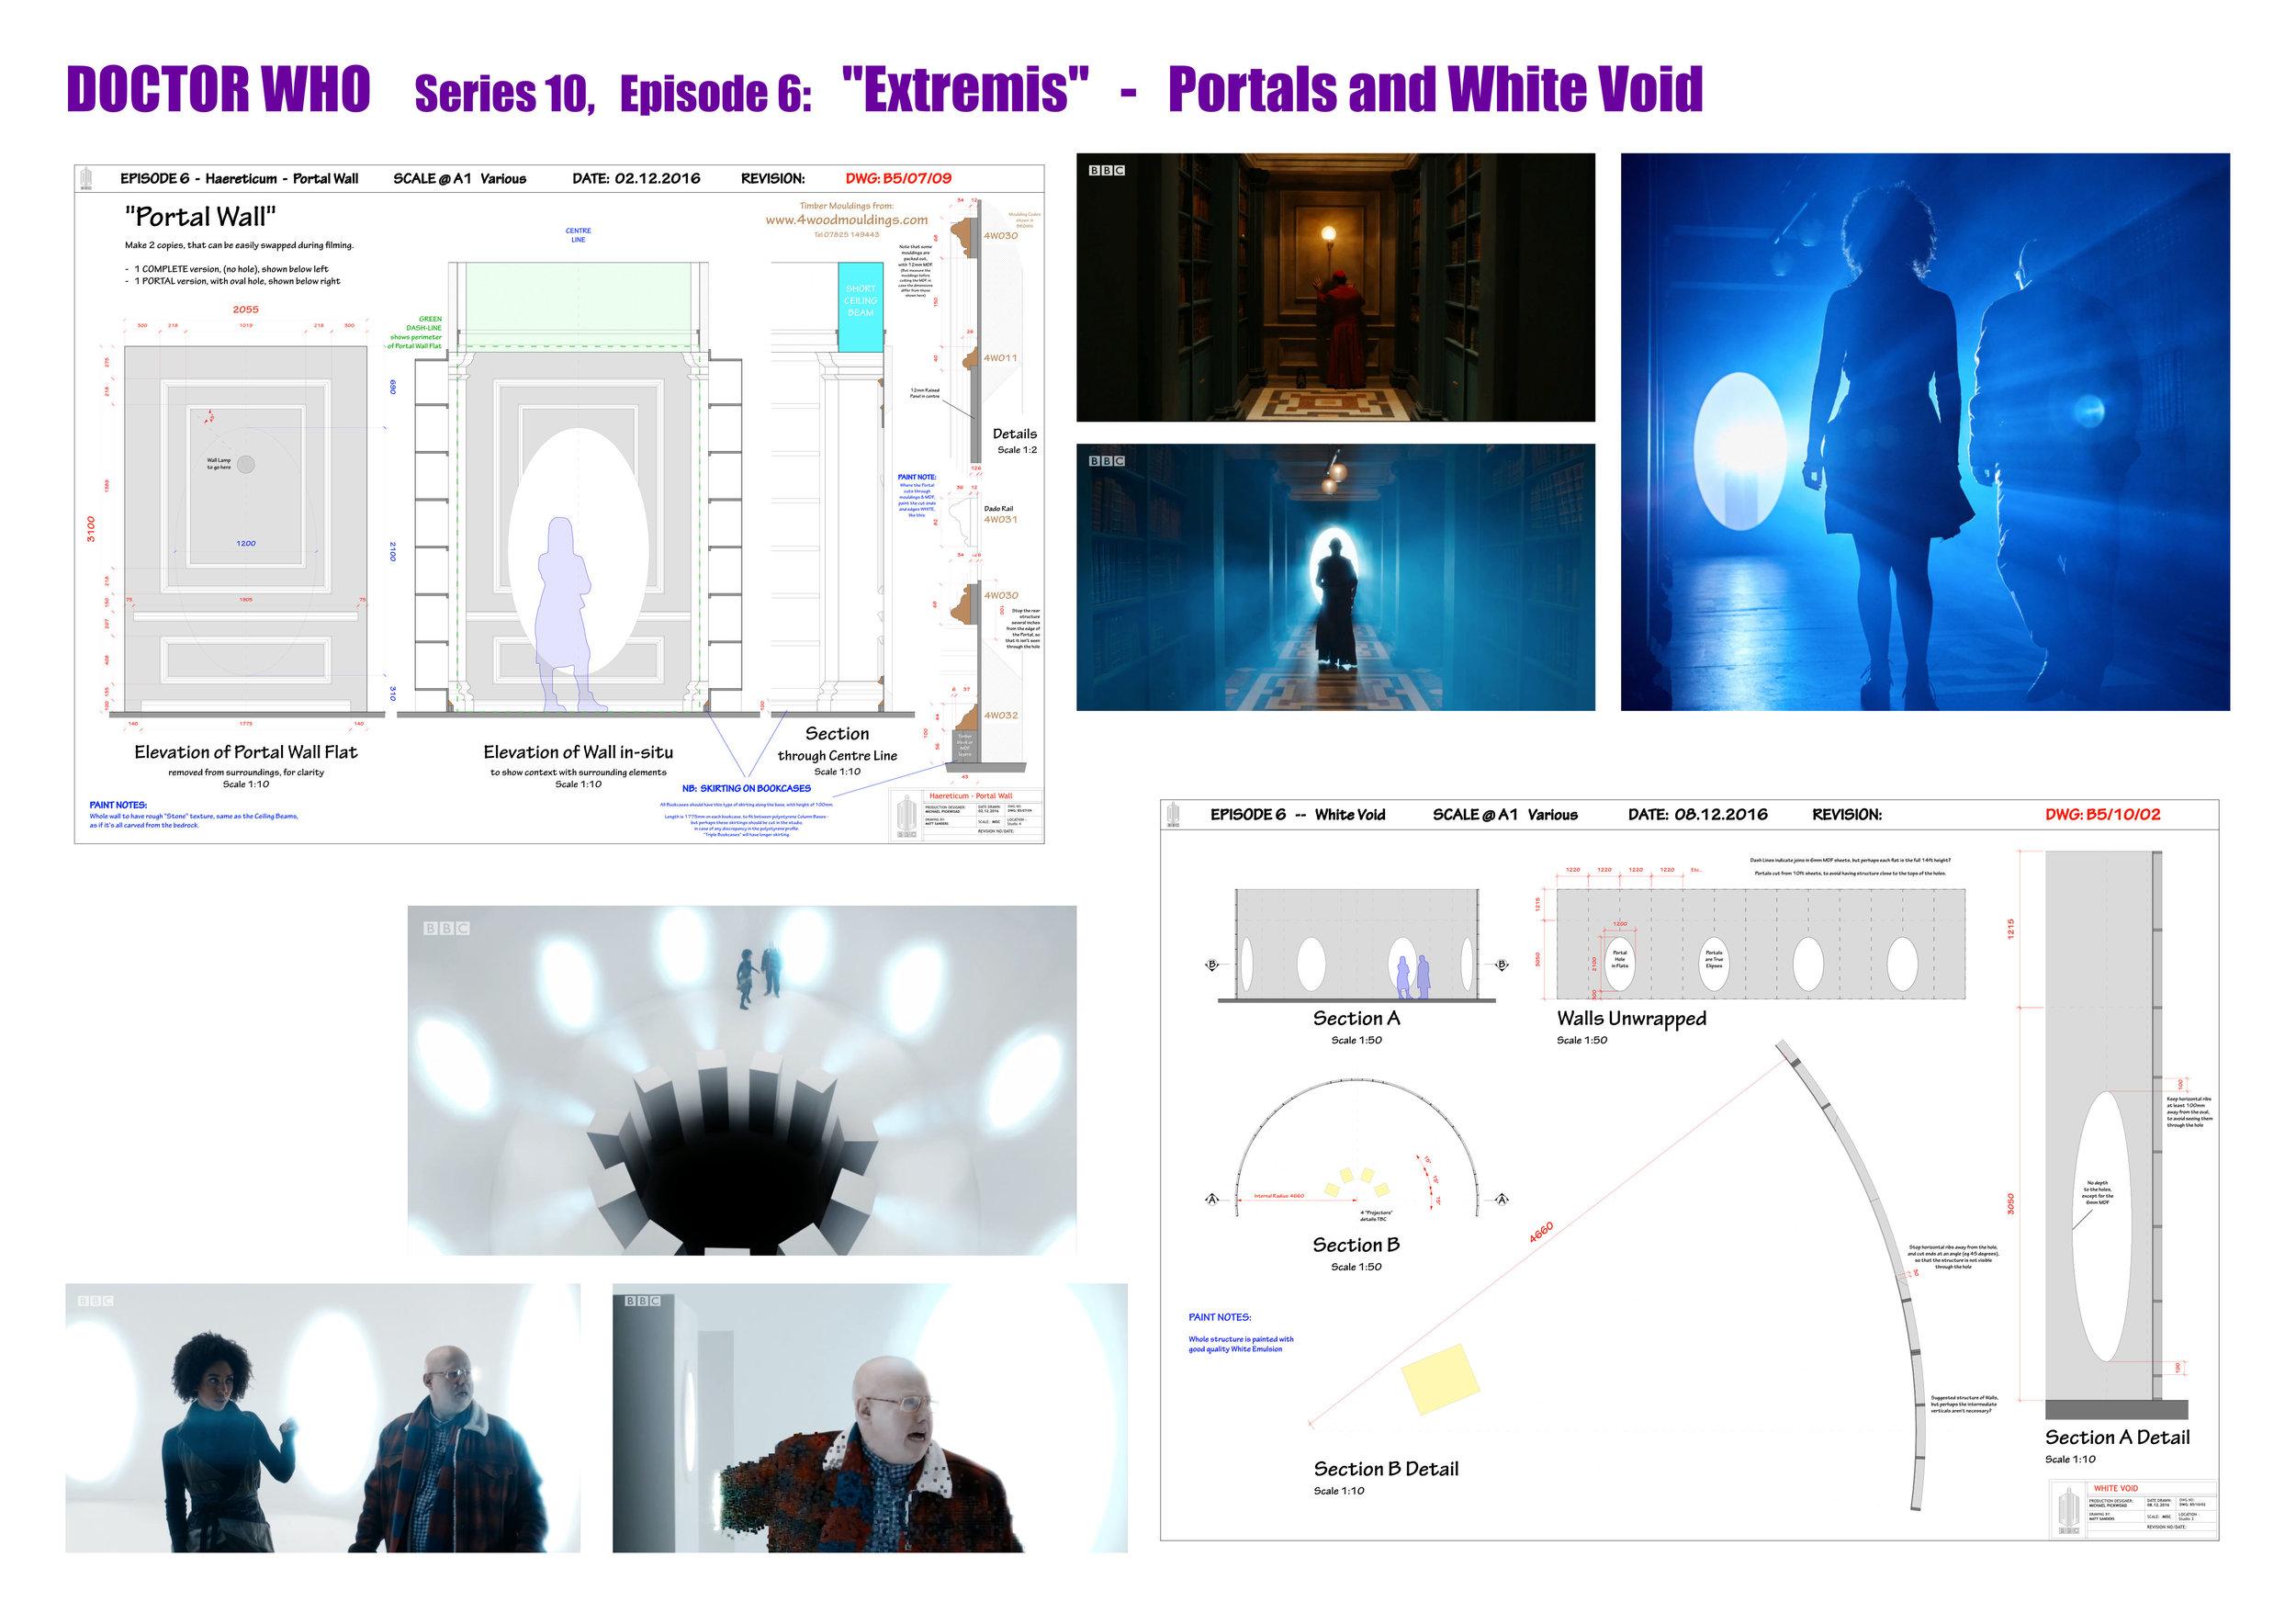 Ep 6 - Extremis - Portals.jpg